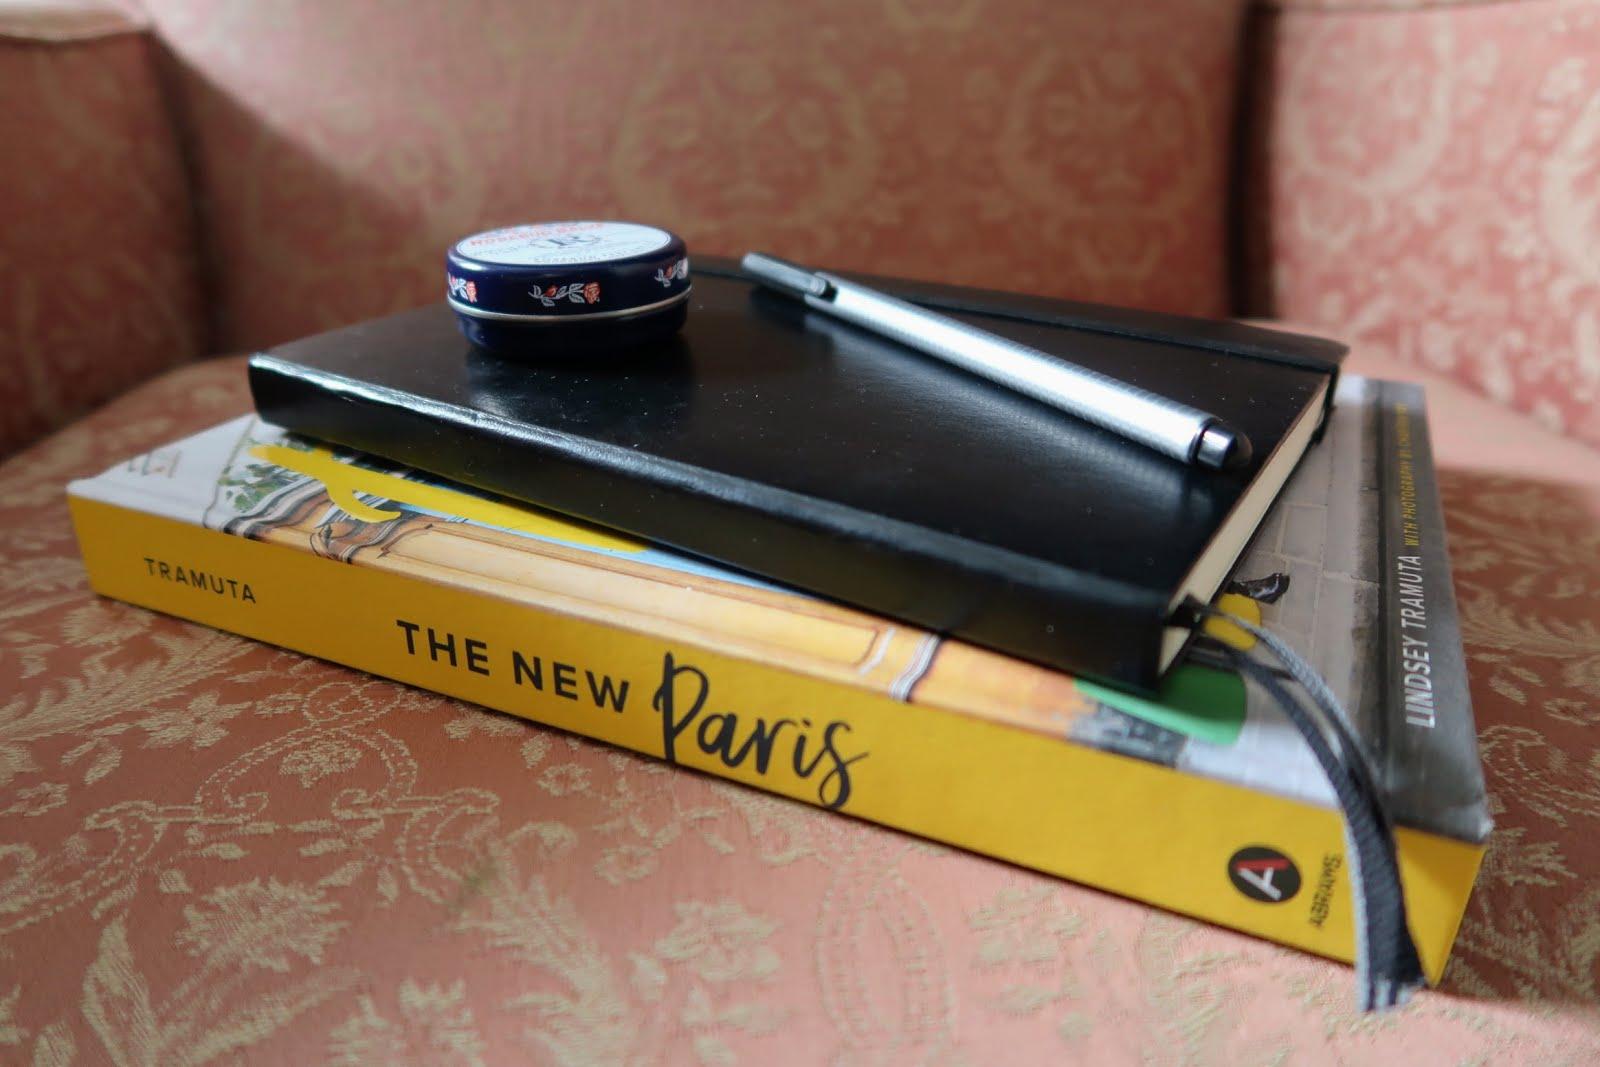 bullet journal plan planning notebook leuchtturm pink chair the new paris book